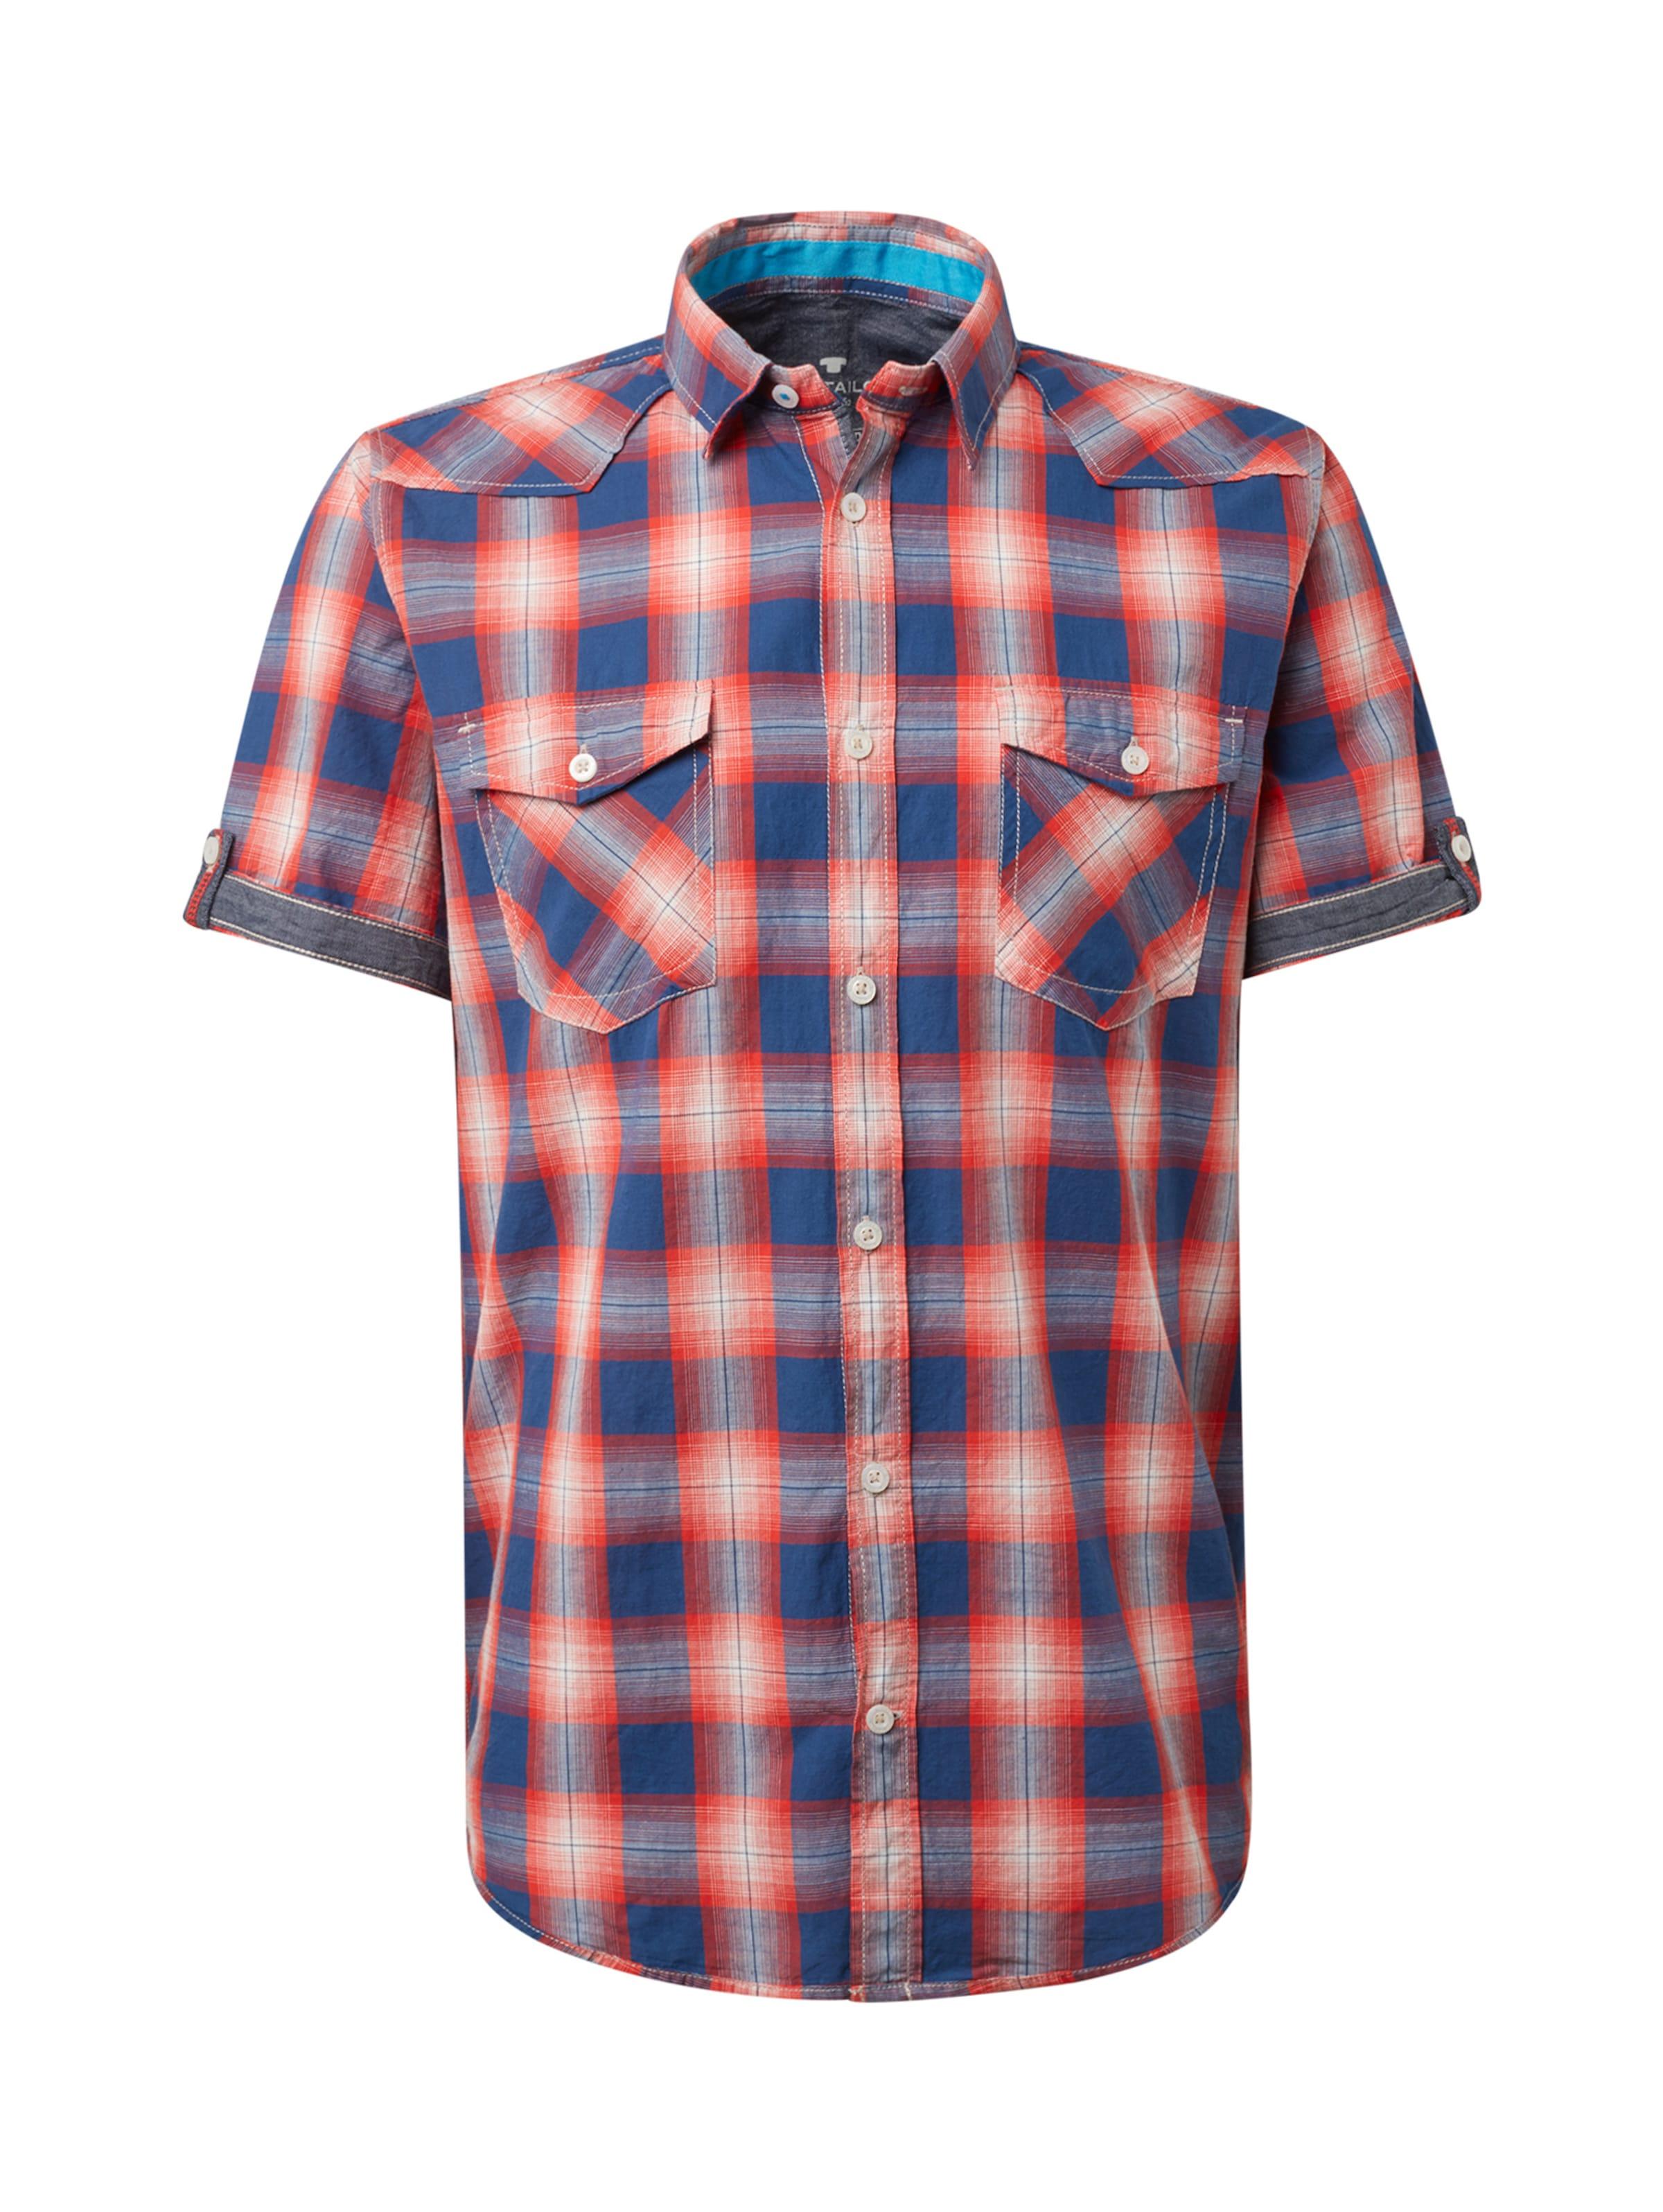 BlauRot In Kurzarmhemd Tom Tailor Tom Tailor mn0wvN8